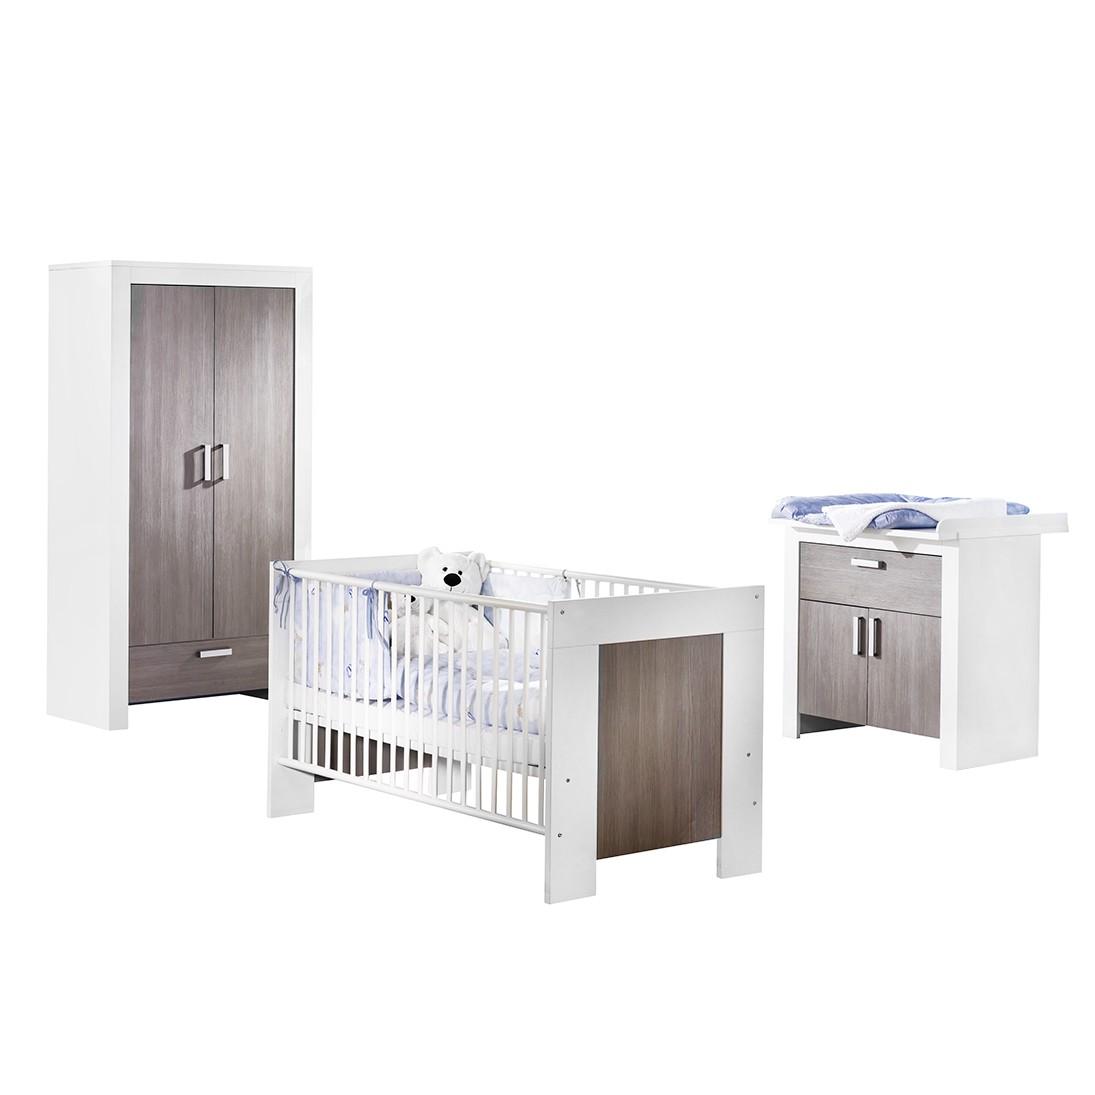 Babyzimmerkombination Janne – Weiß/Pinie Rustica Dekor, California günstig kaufen